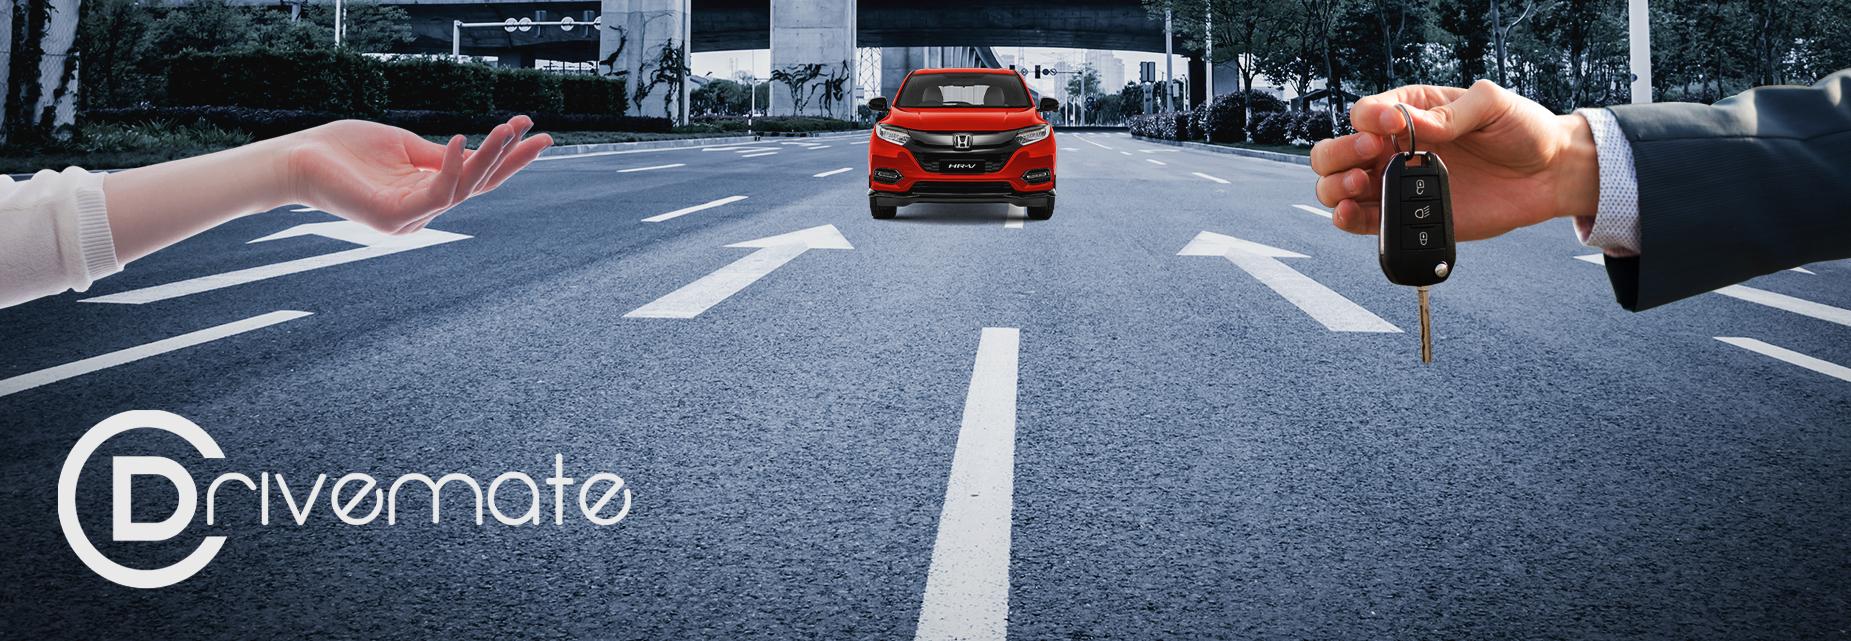 Drivemate Blog | บริการรถเช่า ที่มีรถให้เลือกมากที่สุดในไทย